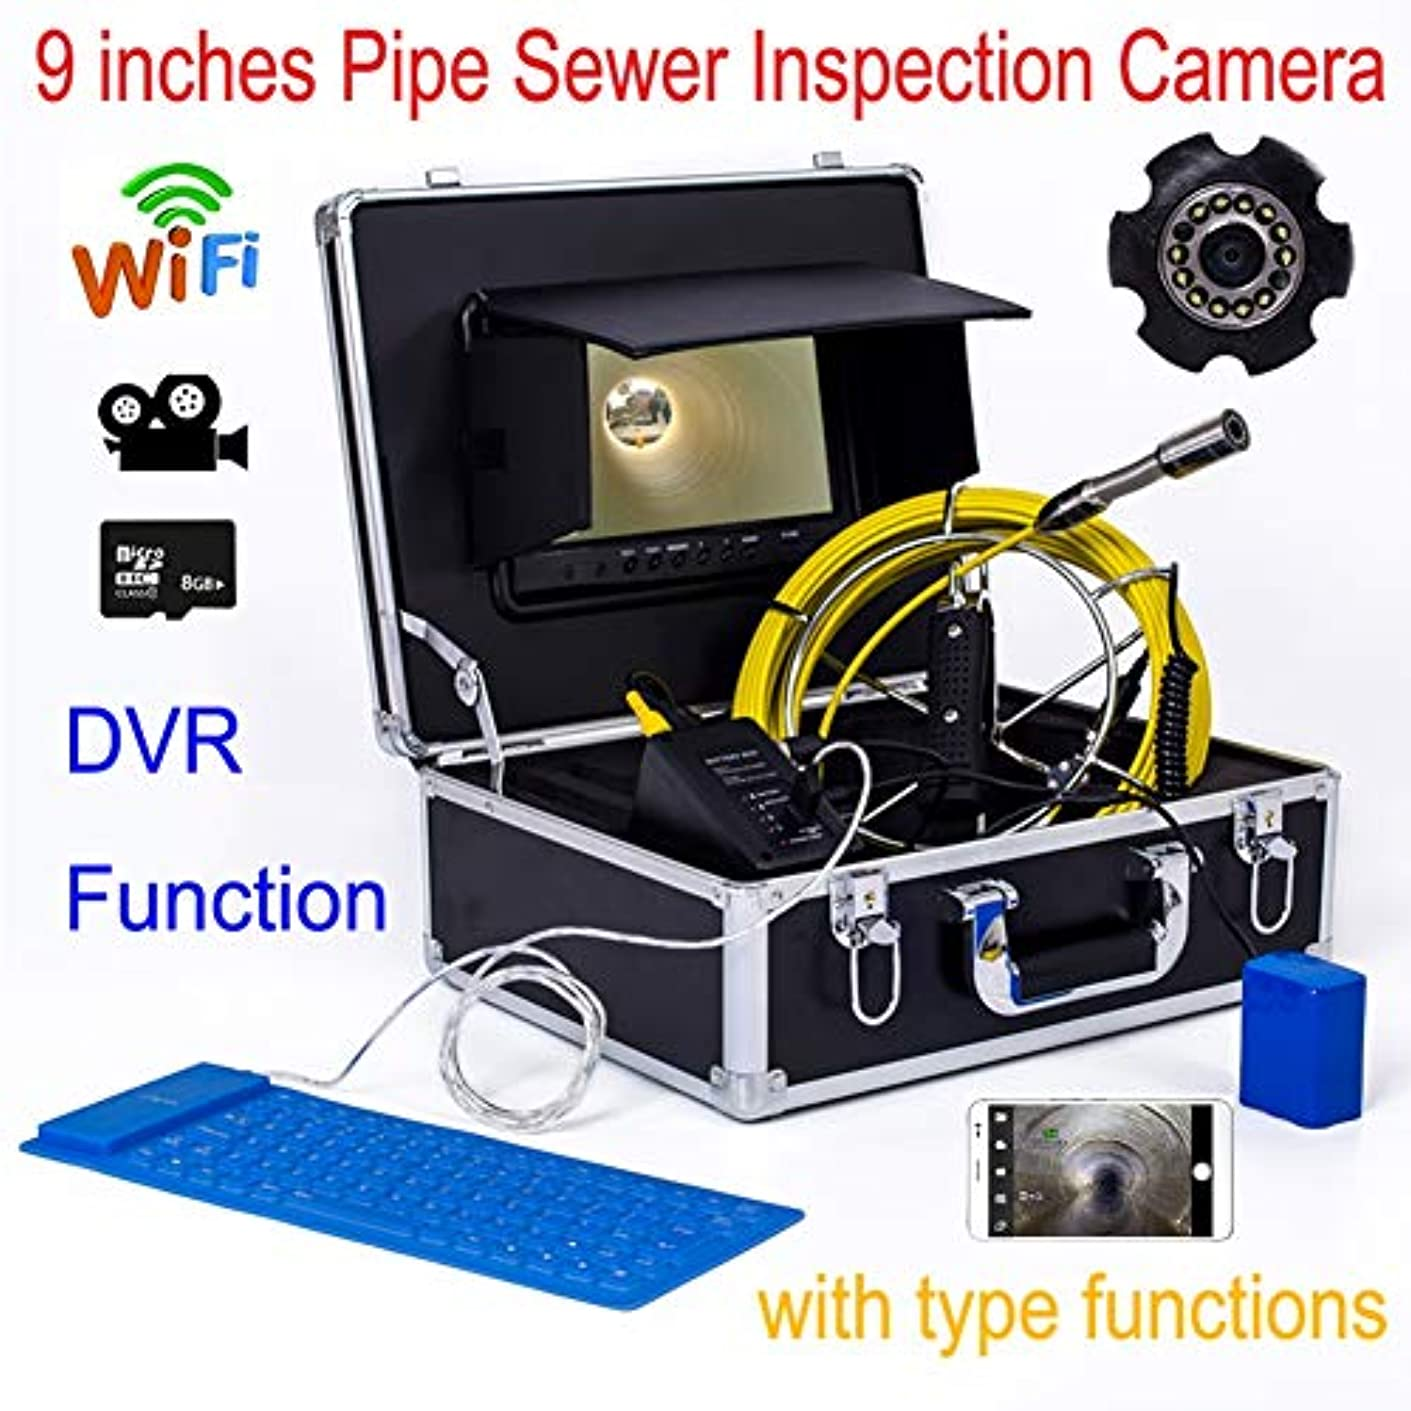 式検出器矛盾9インチの WIFI 23MM 産業パイプライン下水道検出カメラ IP68 防水排水検出 1000 TVL カメラ DVR ビデオ (40M)